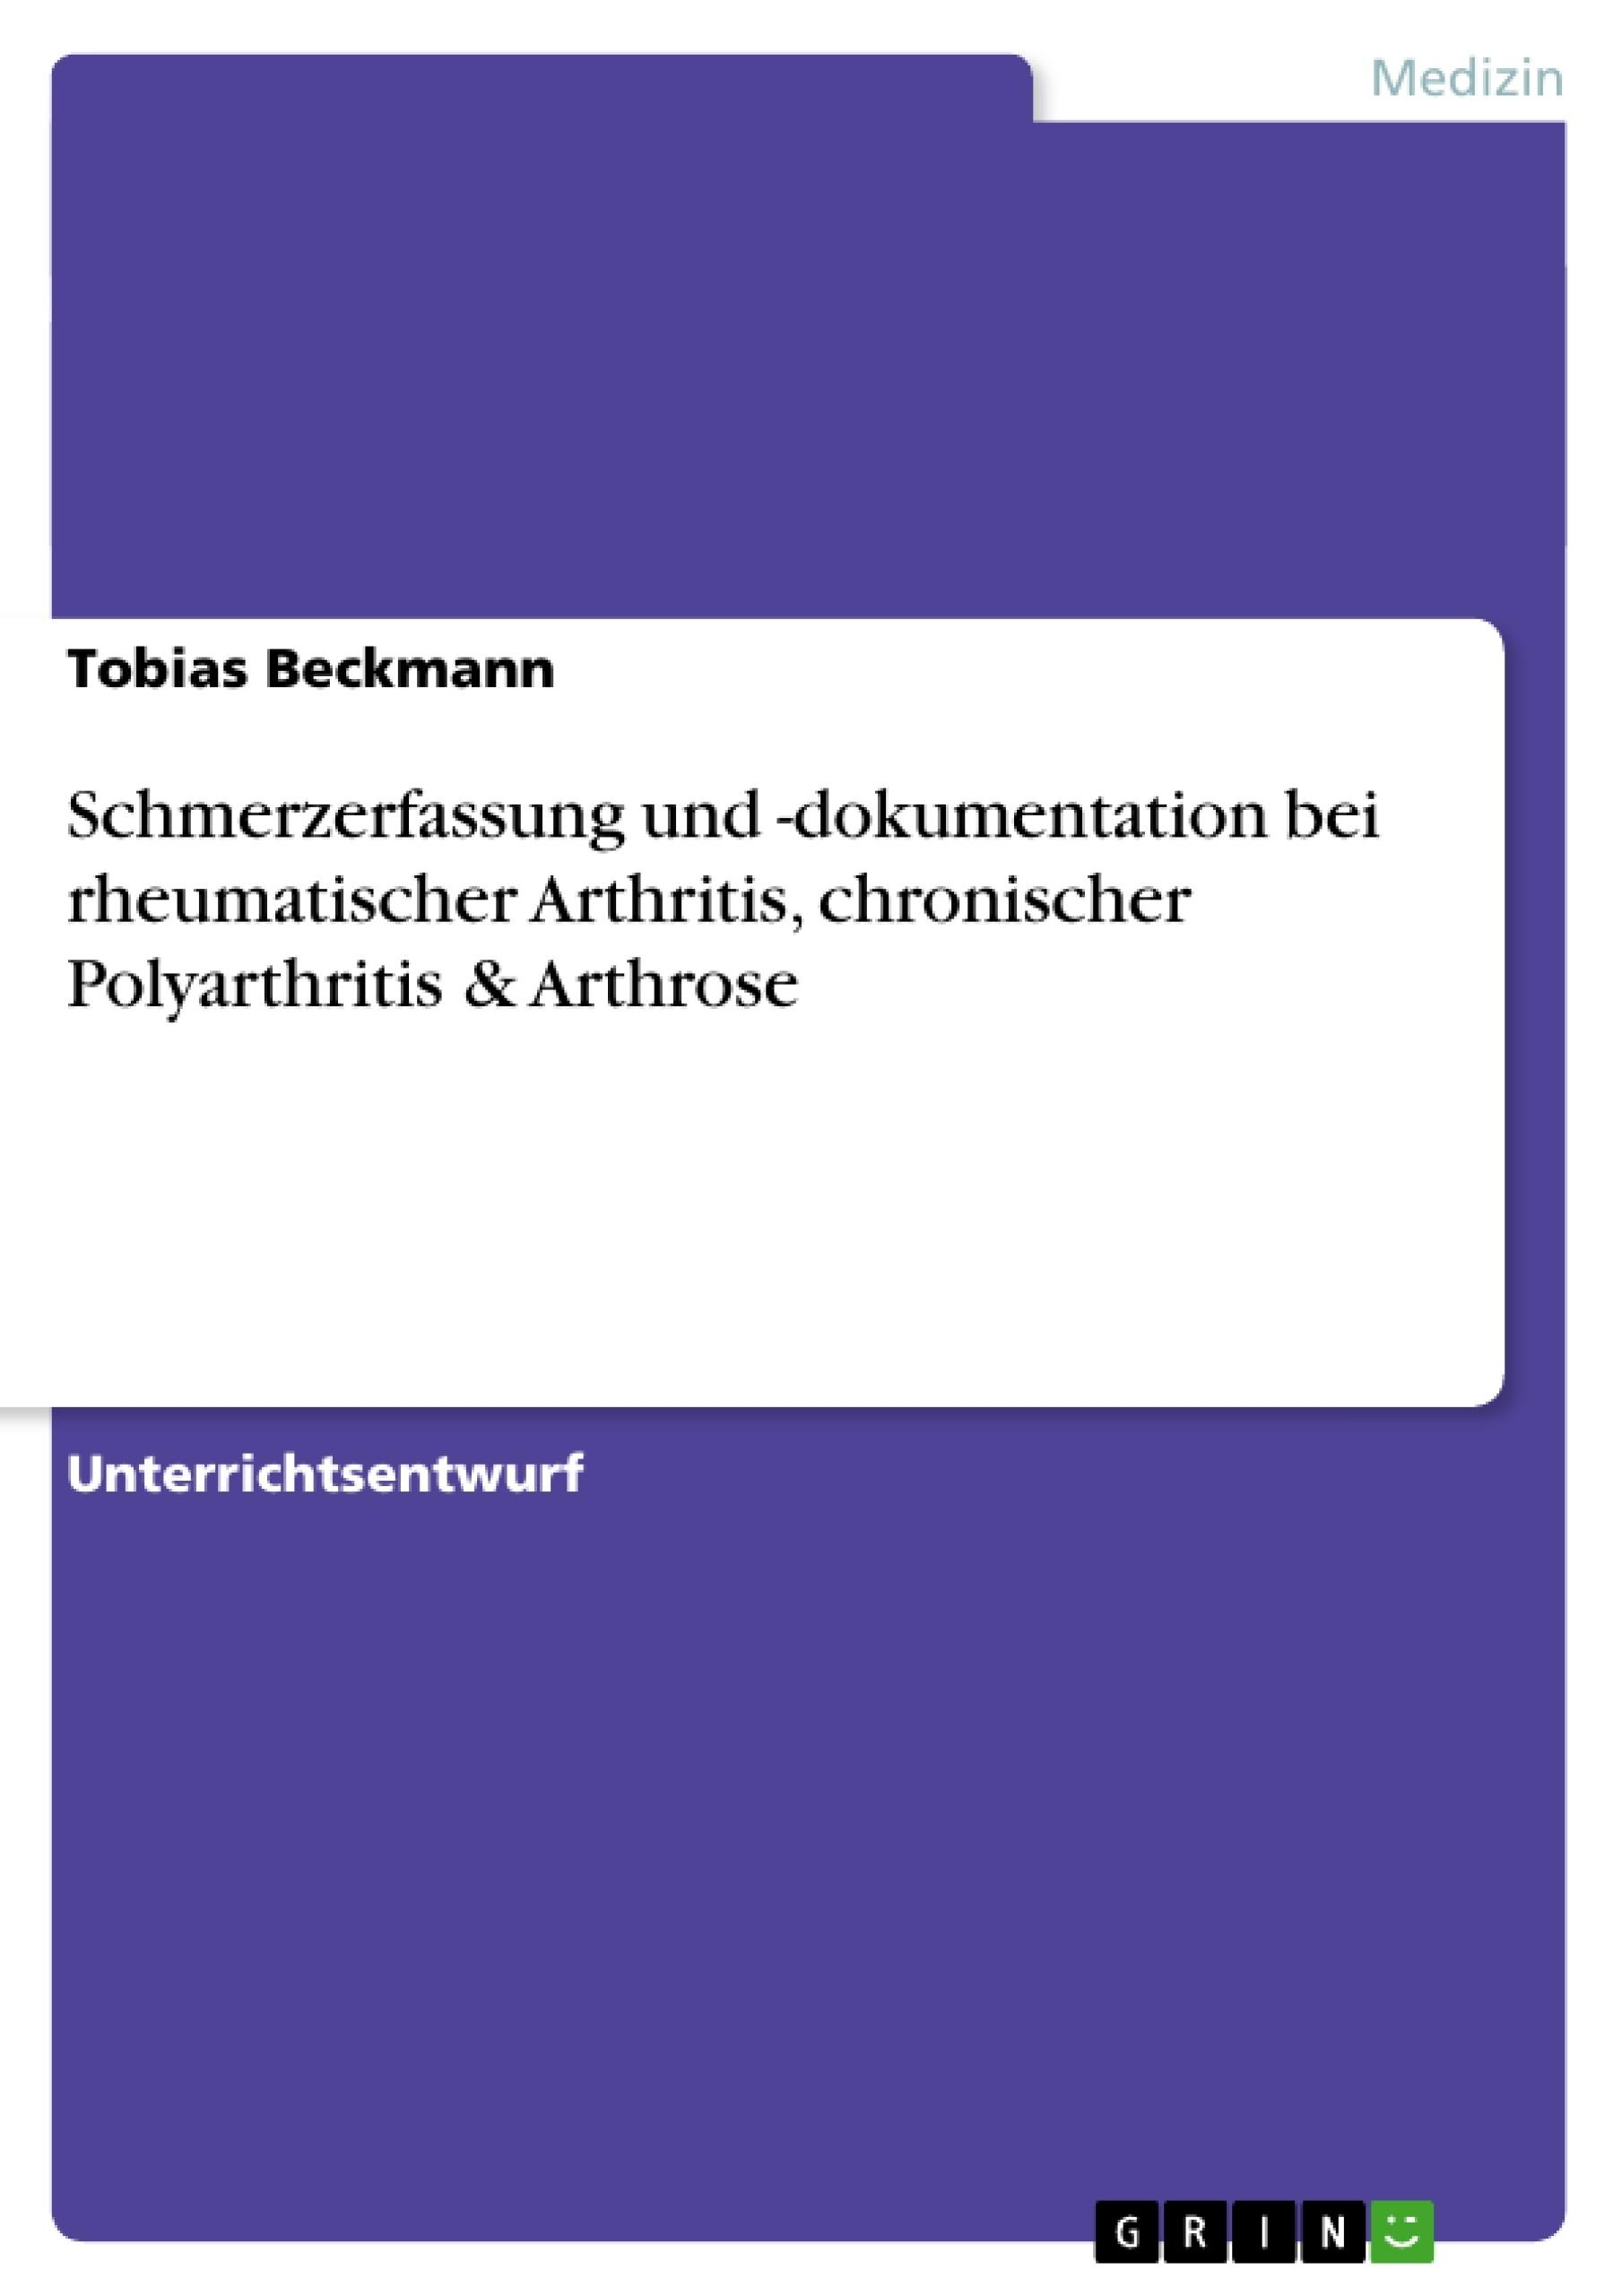 Titel: Schmerzerfassung und -dokumentation bei rheumatischer Arthritis, chronischer Polyarthritis & Arthrose